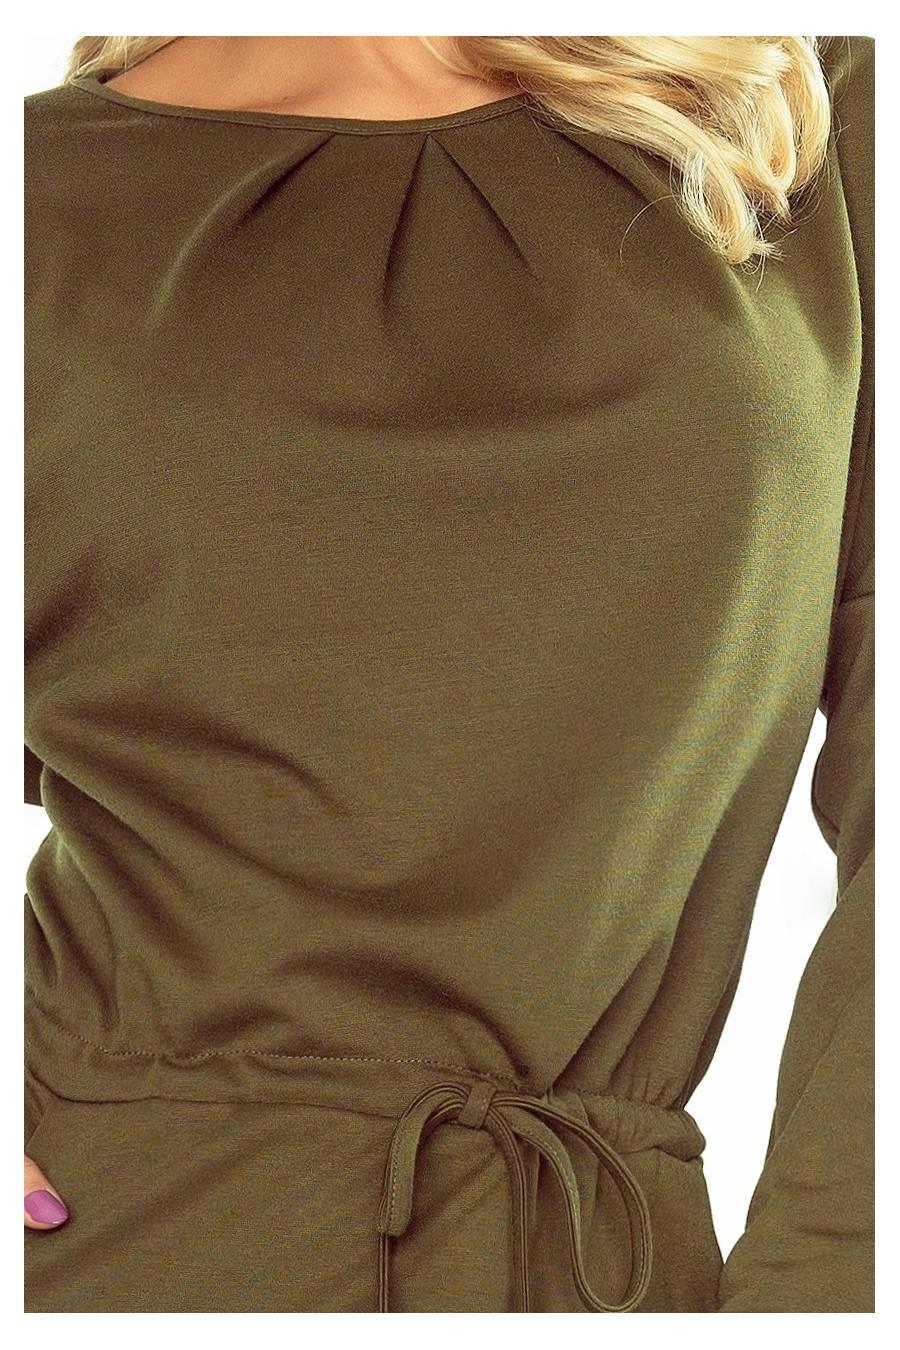 183-1 IZA Šaty se třemi záhyby na krku a dlouhými rukávy - khaki